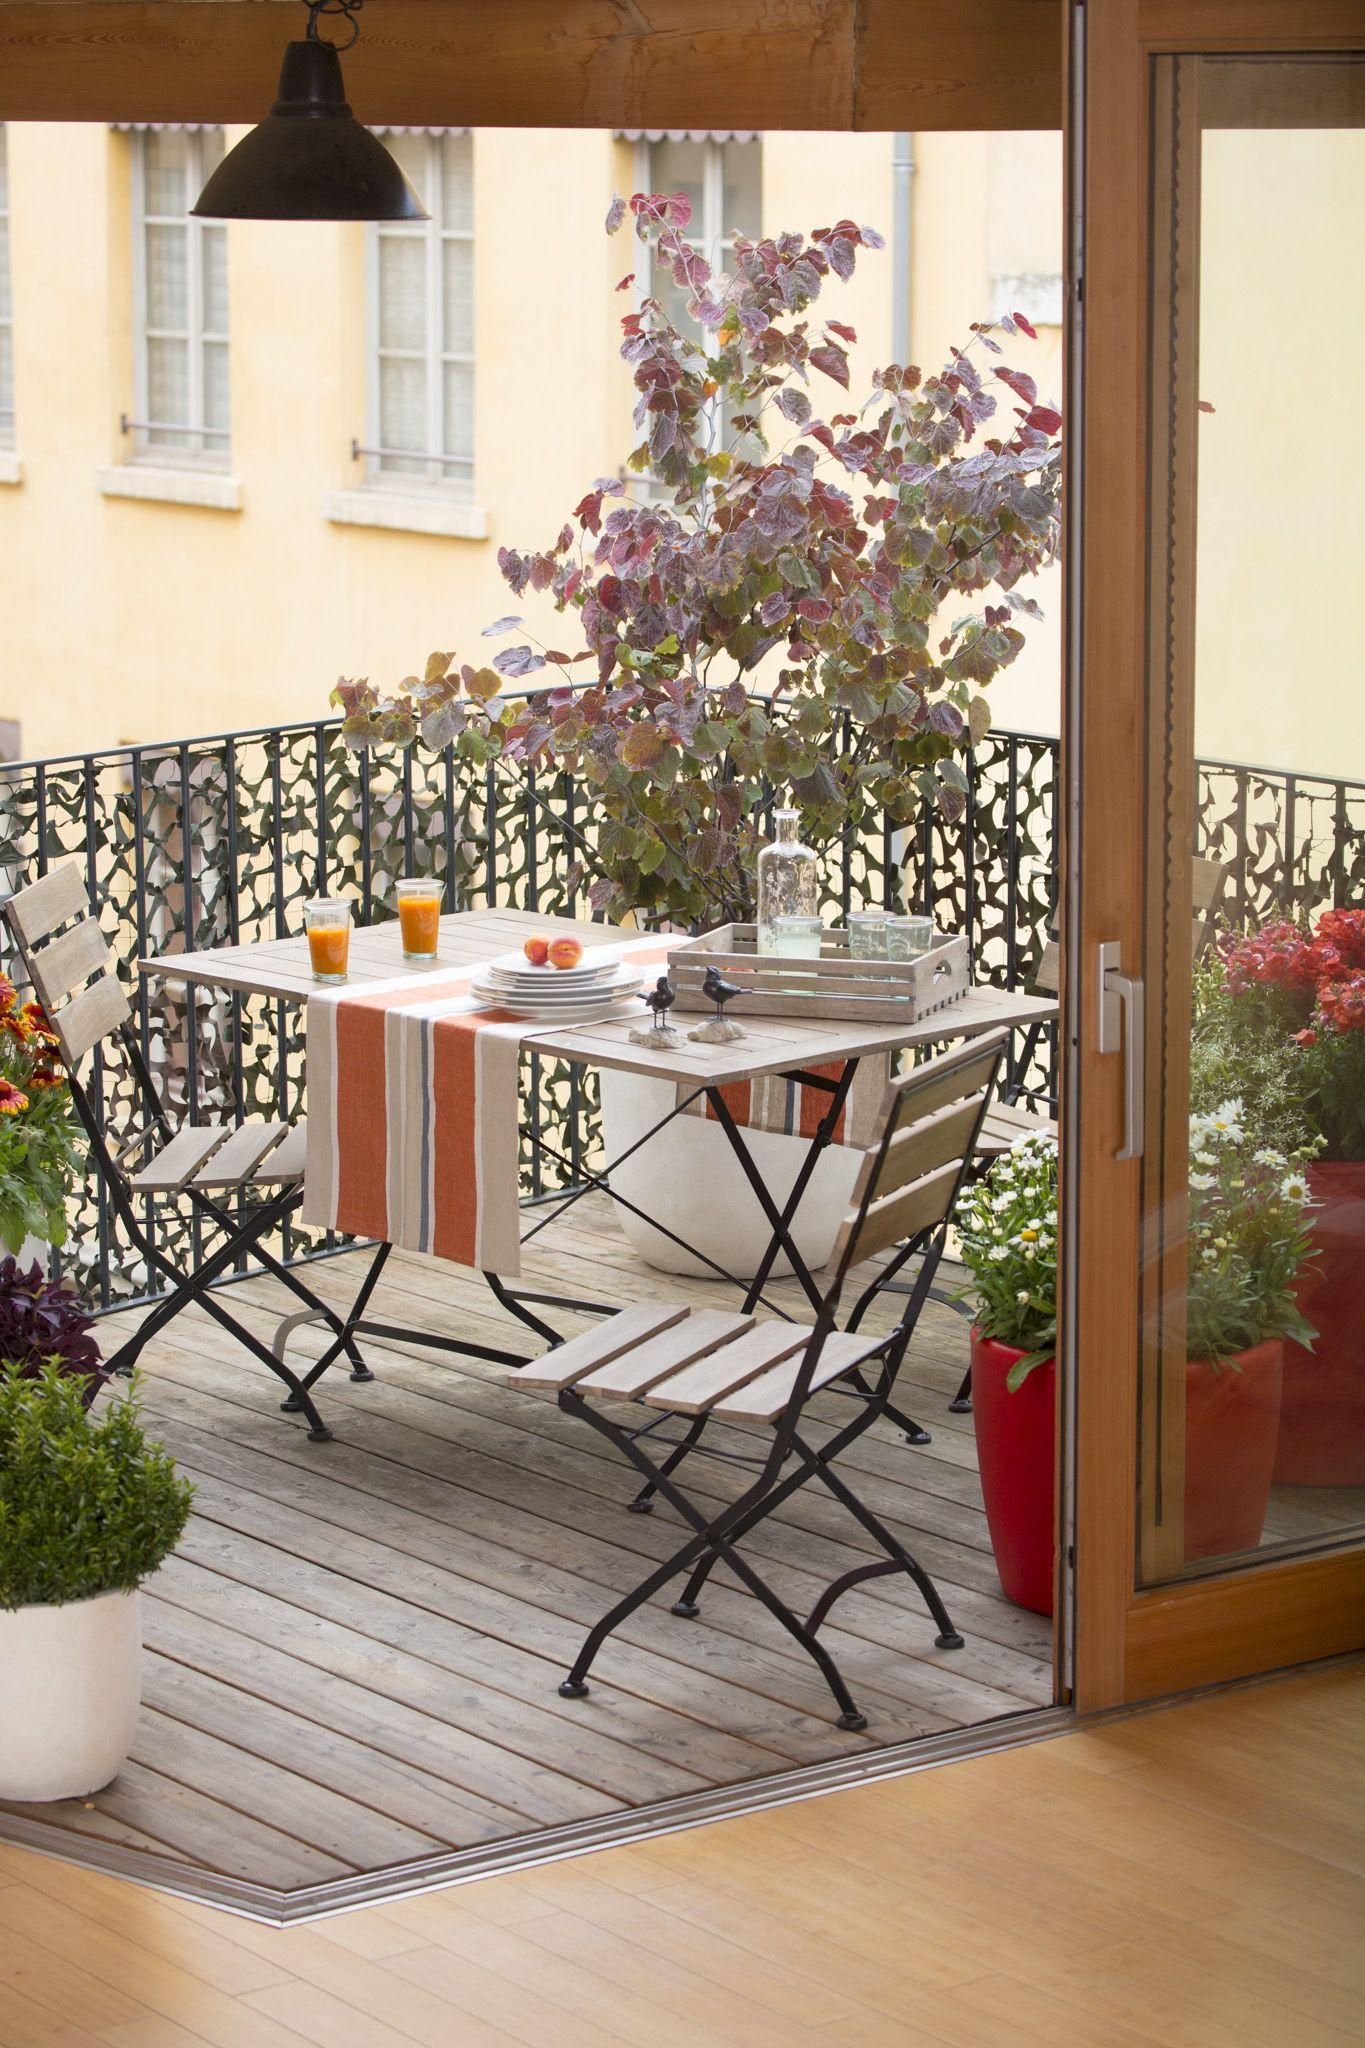 Balcon campagne combinaci n piso de madera interior y Balcones madera exterior